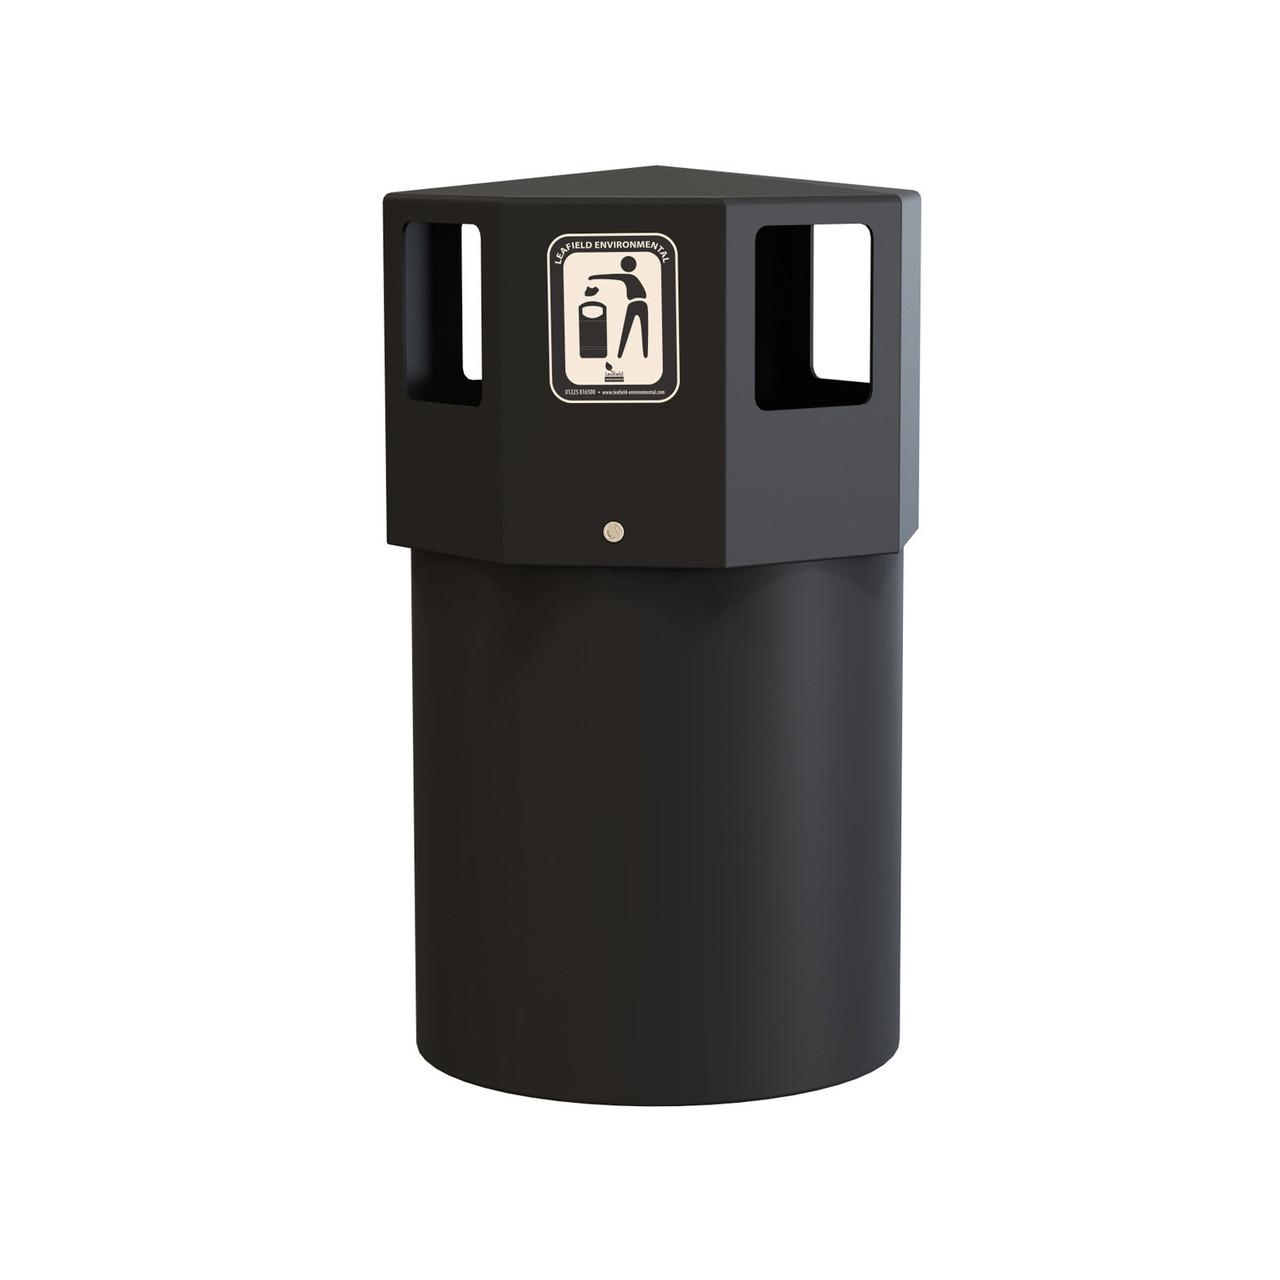 Black Octapus Maxi waste litter bin